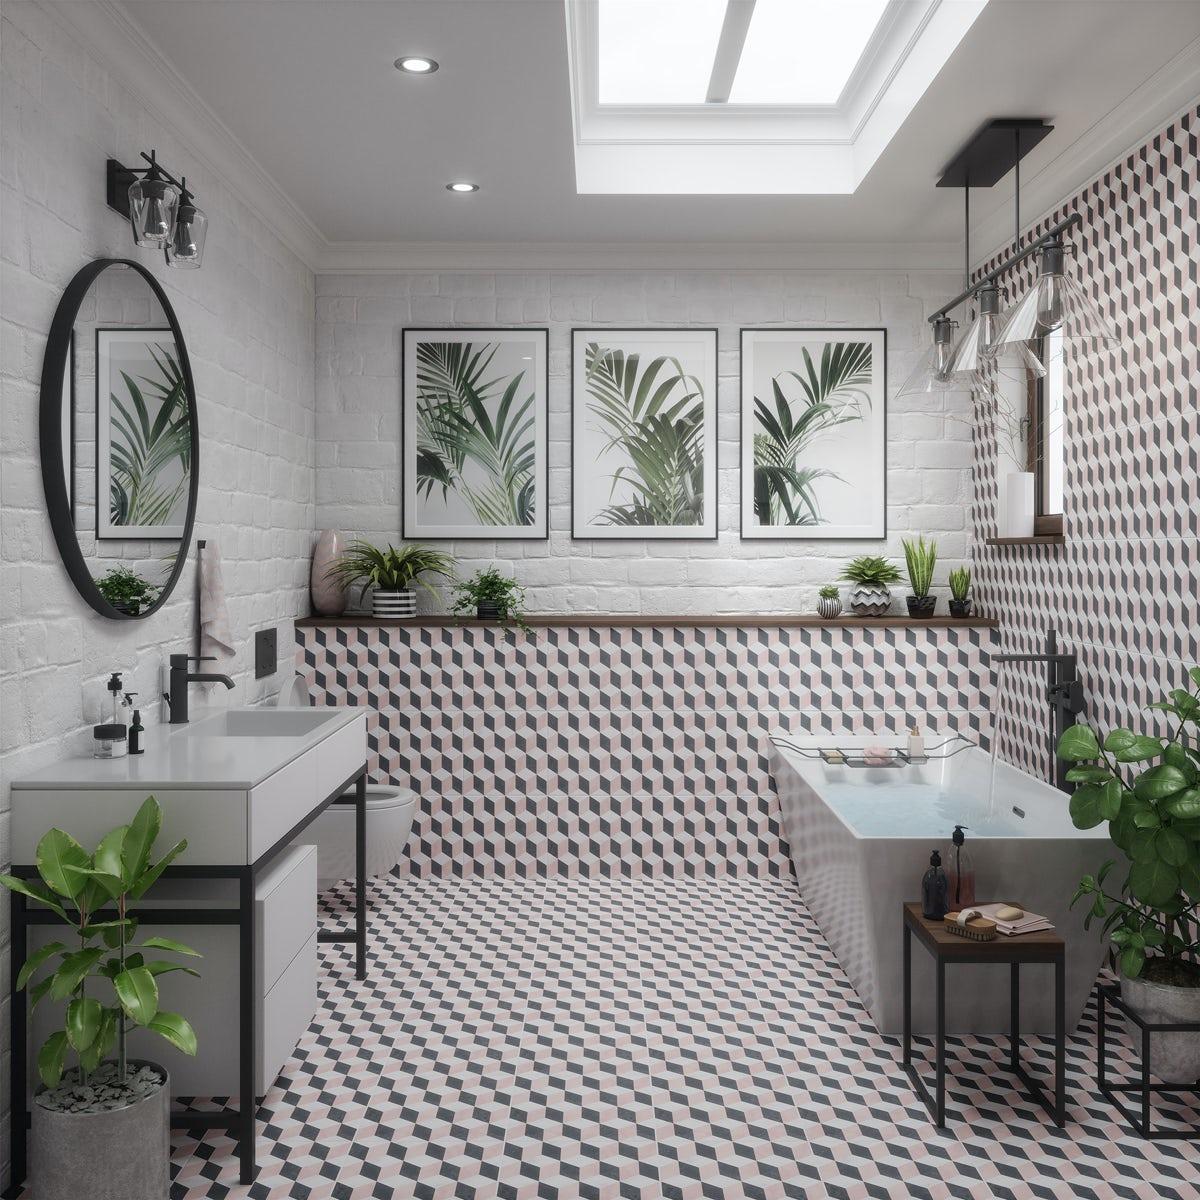 British Ceramic Tile Illusion Feature Matt Wall And Floor